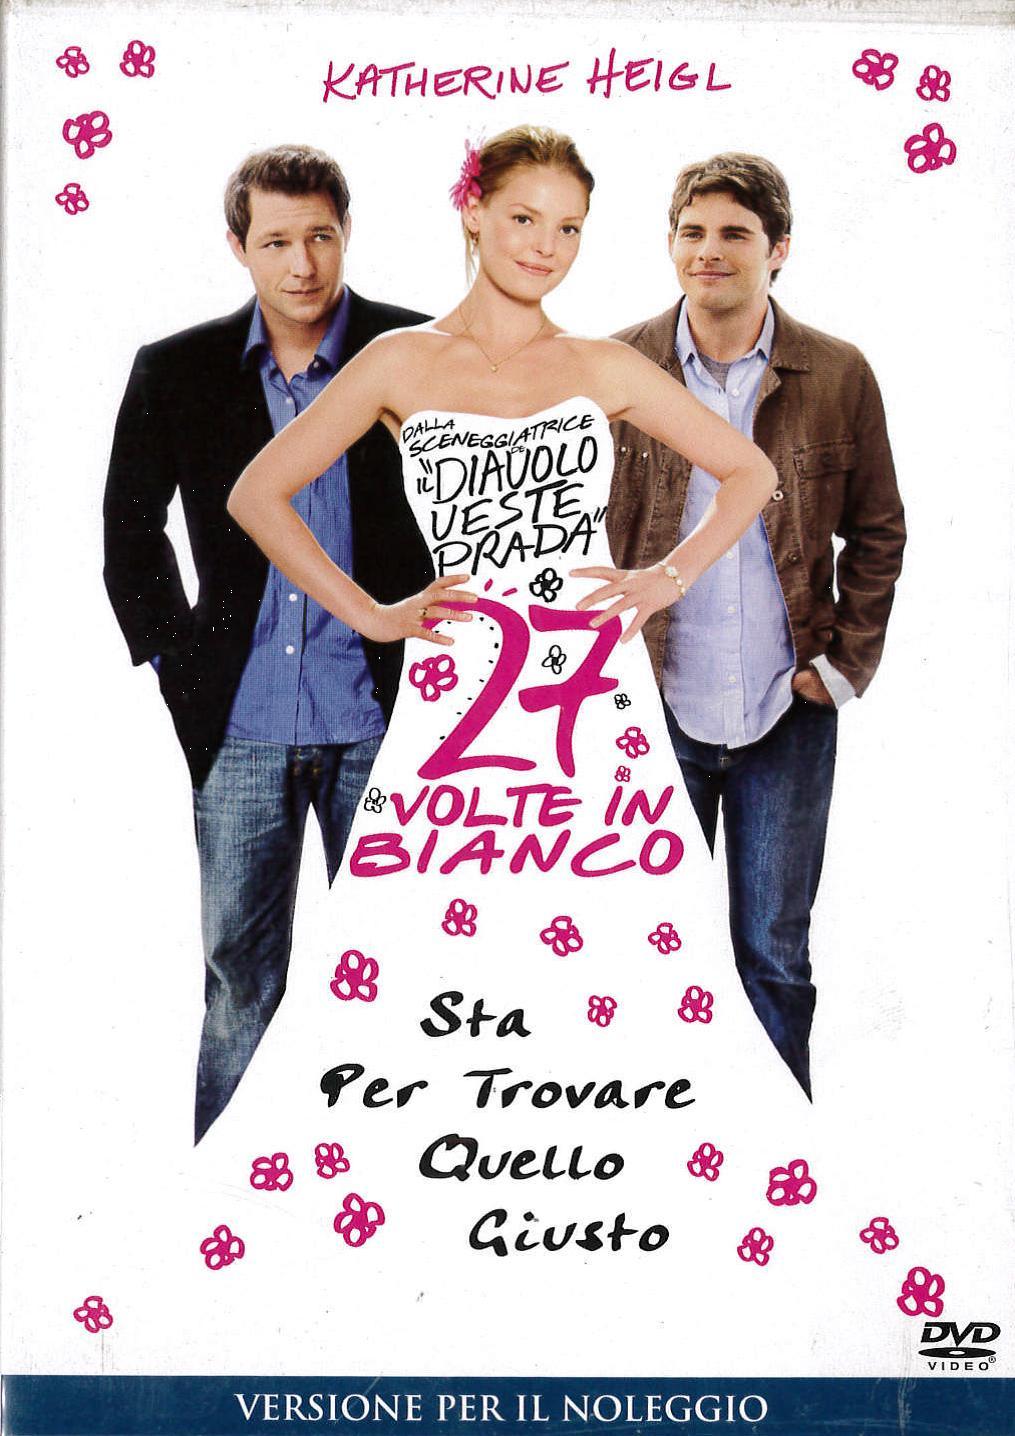 27 VOLTE IN BIANCO - EX NOLEGGIO (DVD)